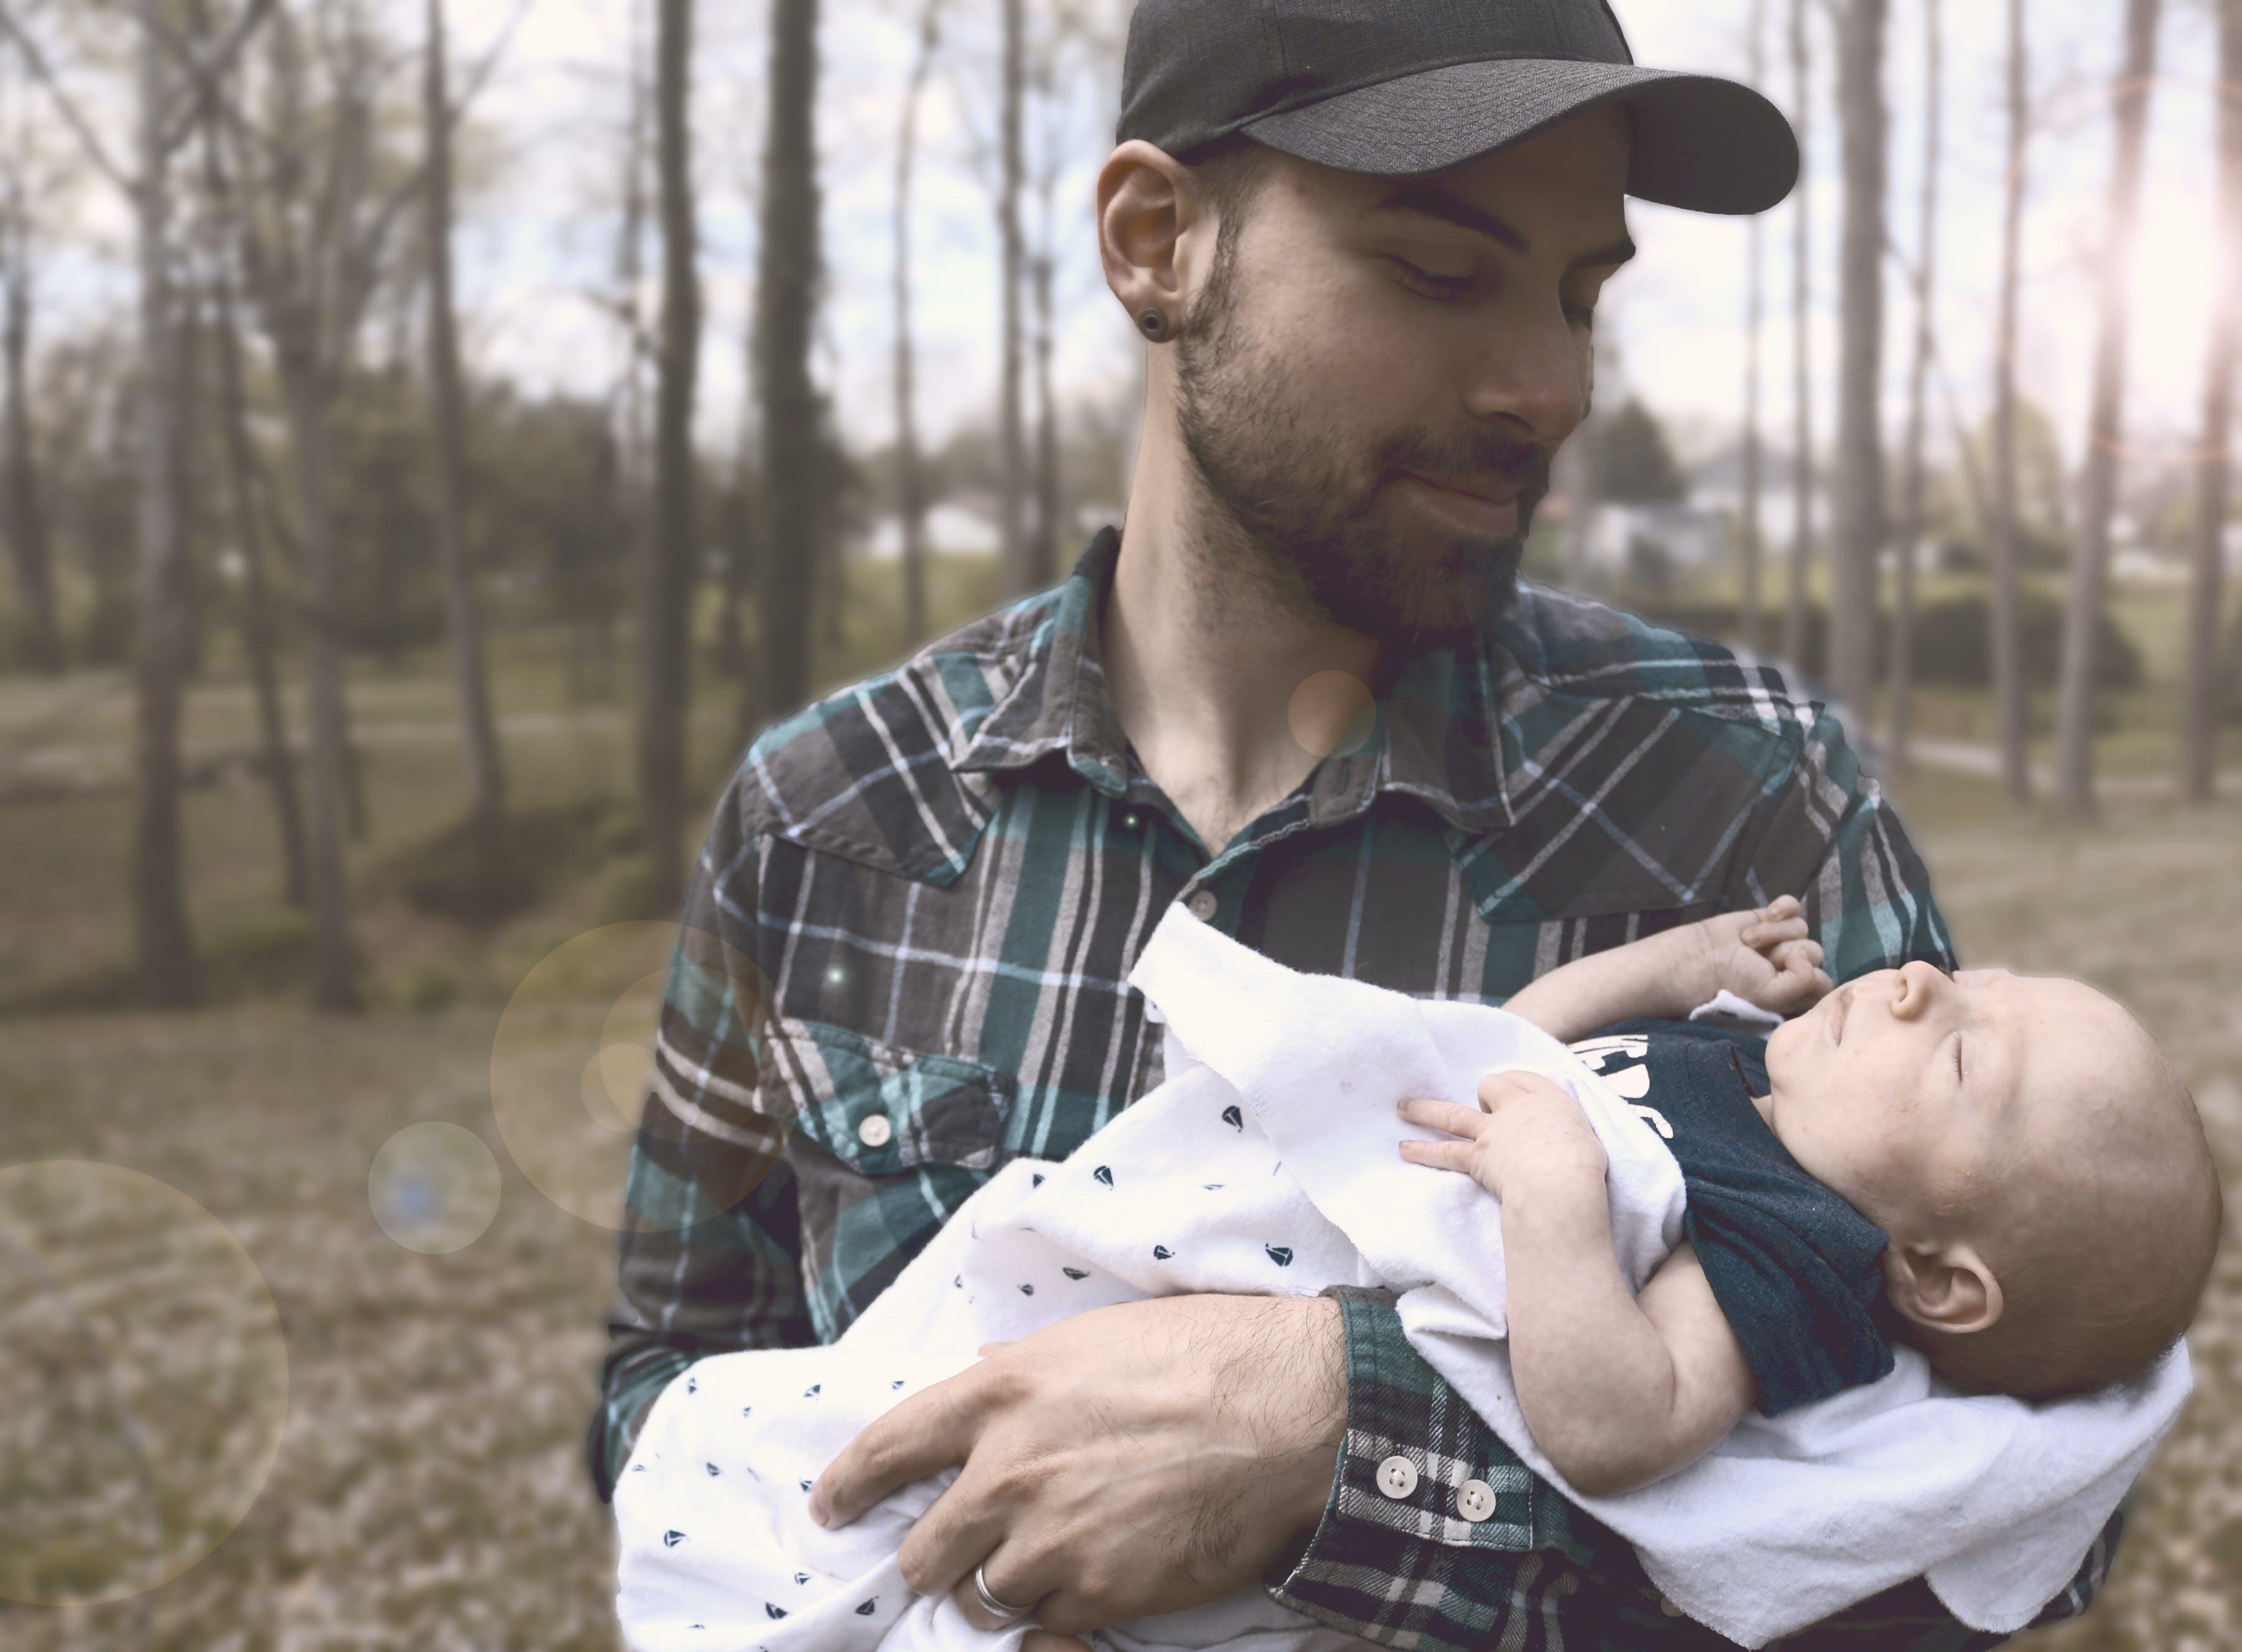 Man Holding Baby during Daytime